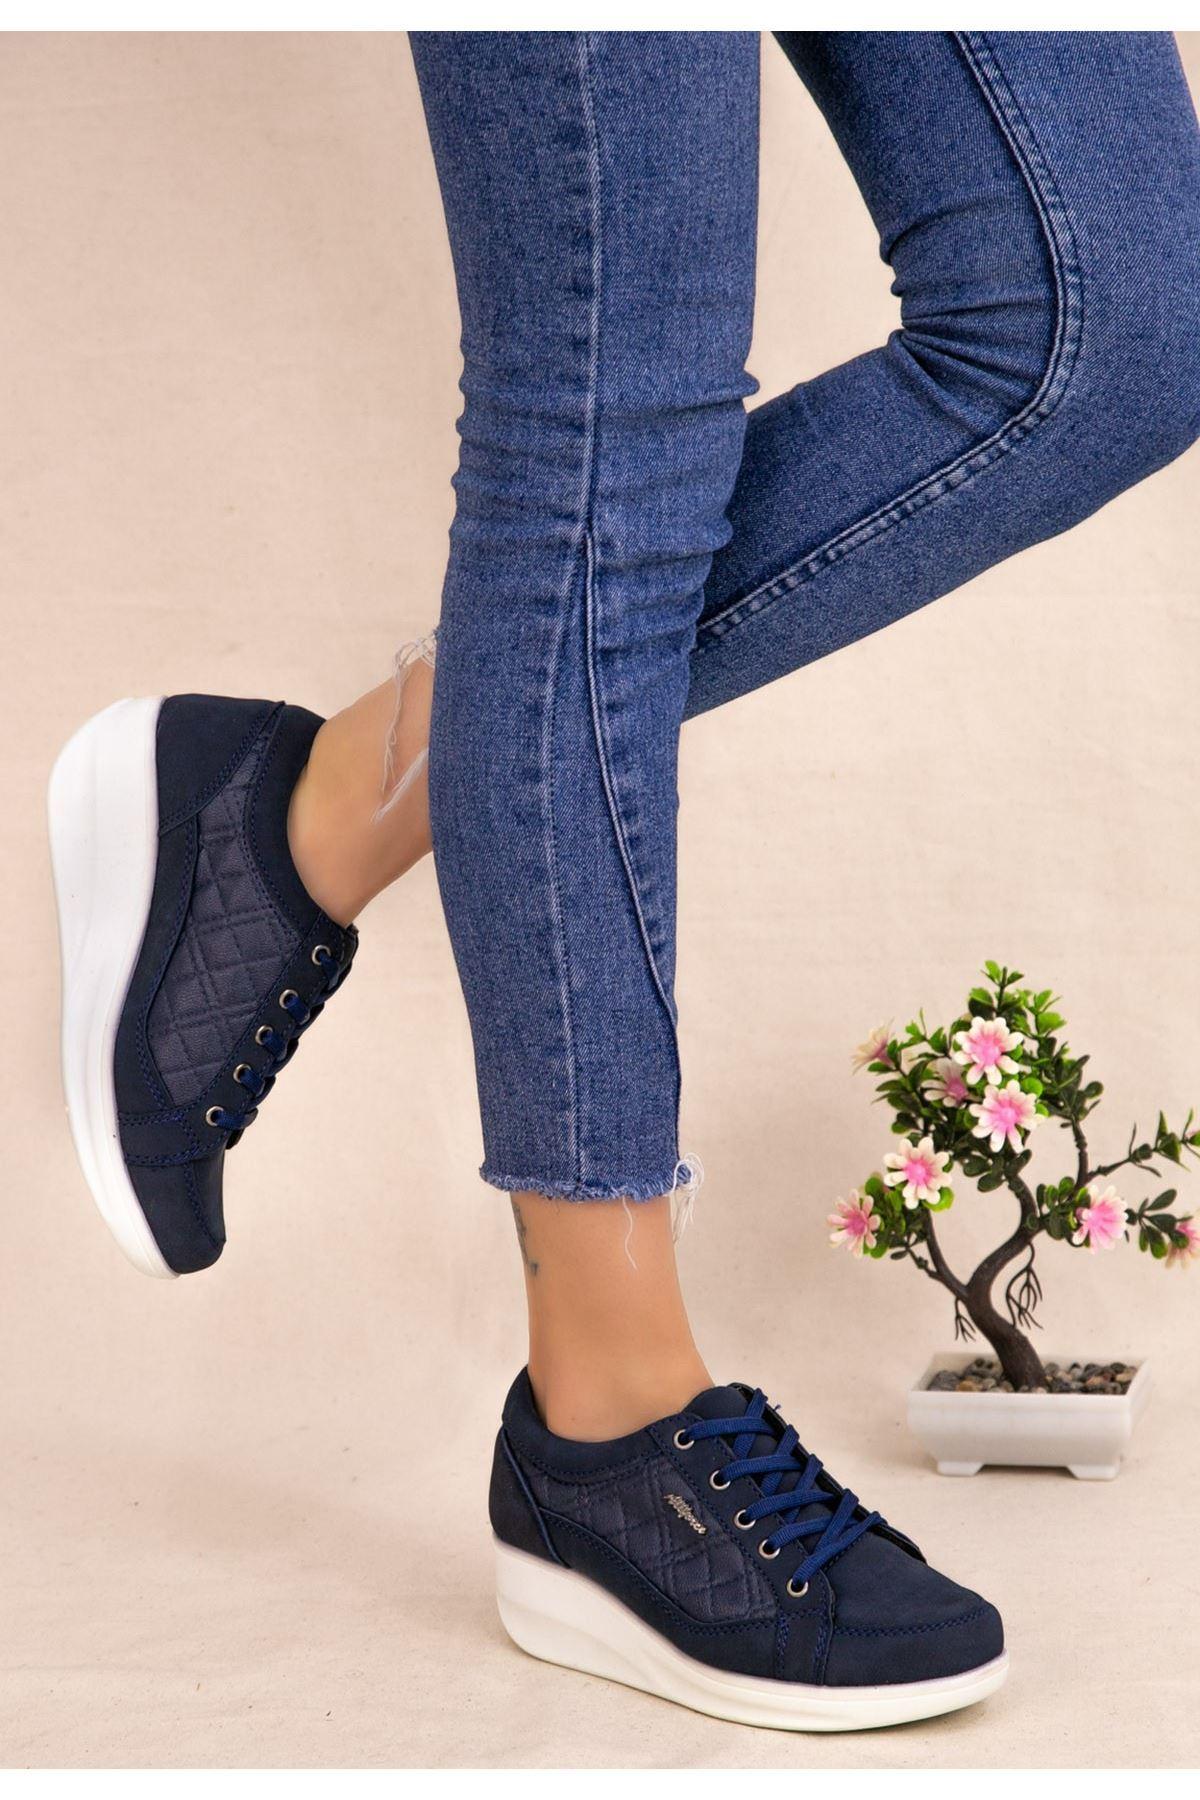 Leva Lacivert Nubuk Bağcıklı Spor Ayakkabı